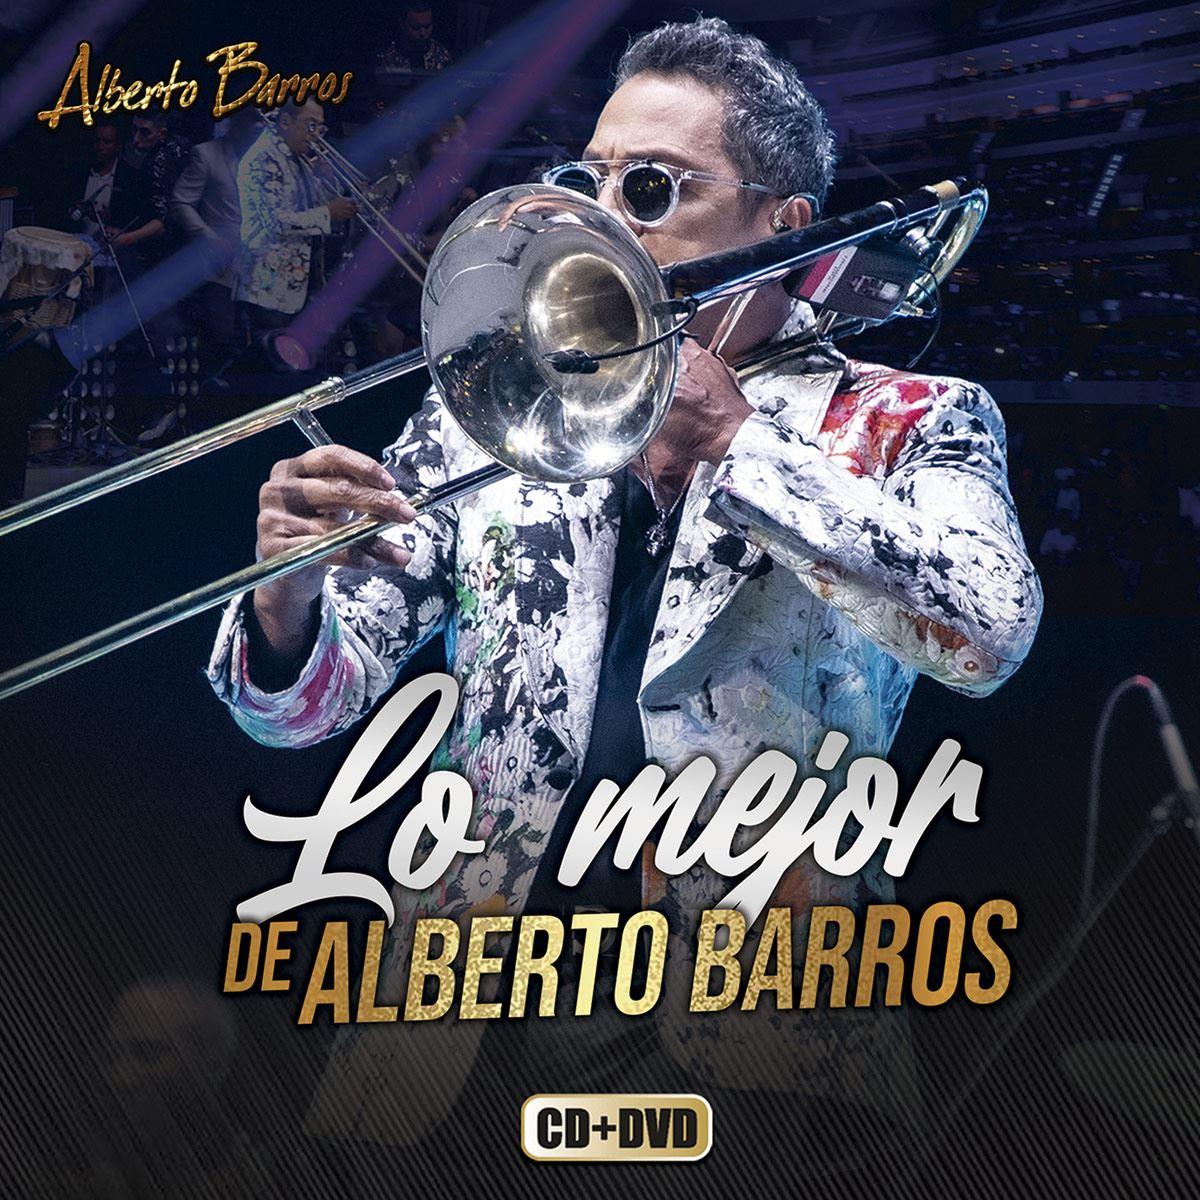 CD+DVD Alberto Barros - Lo Mejor de Alberto Barros